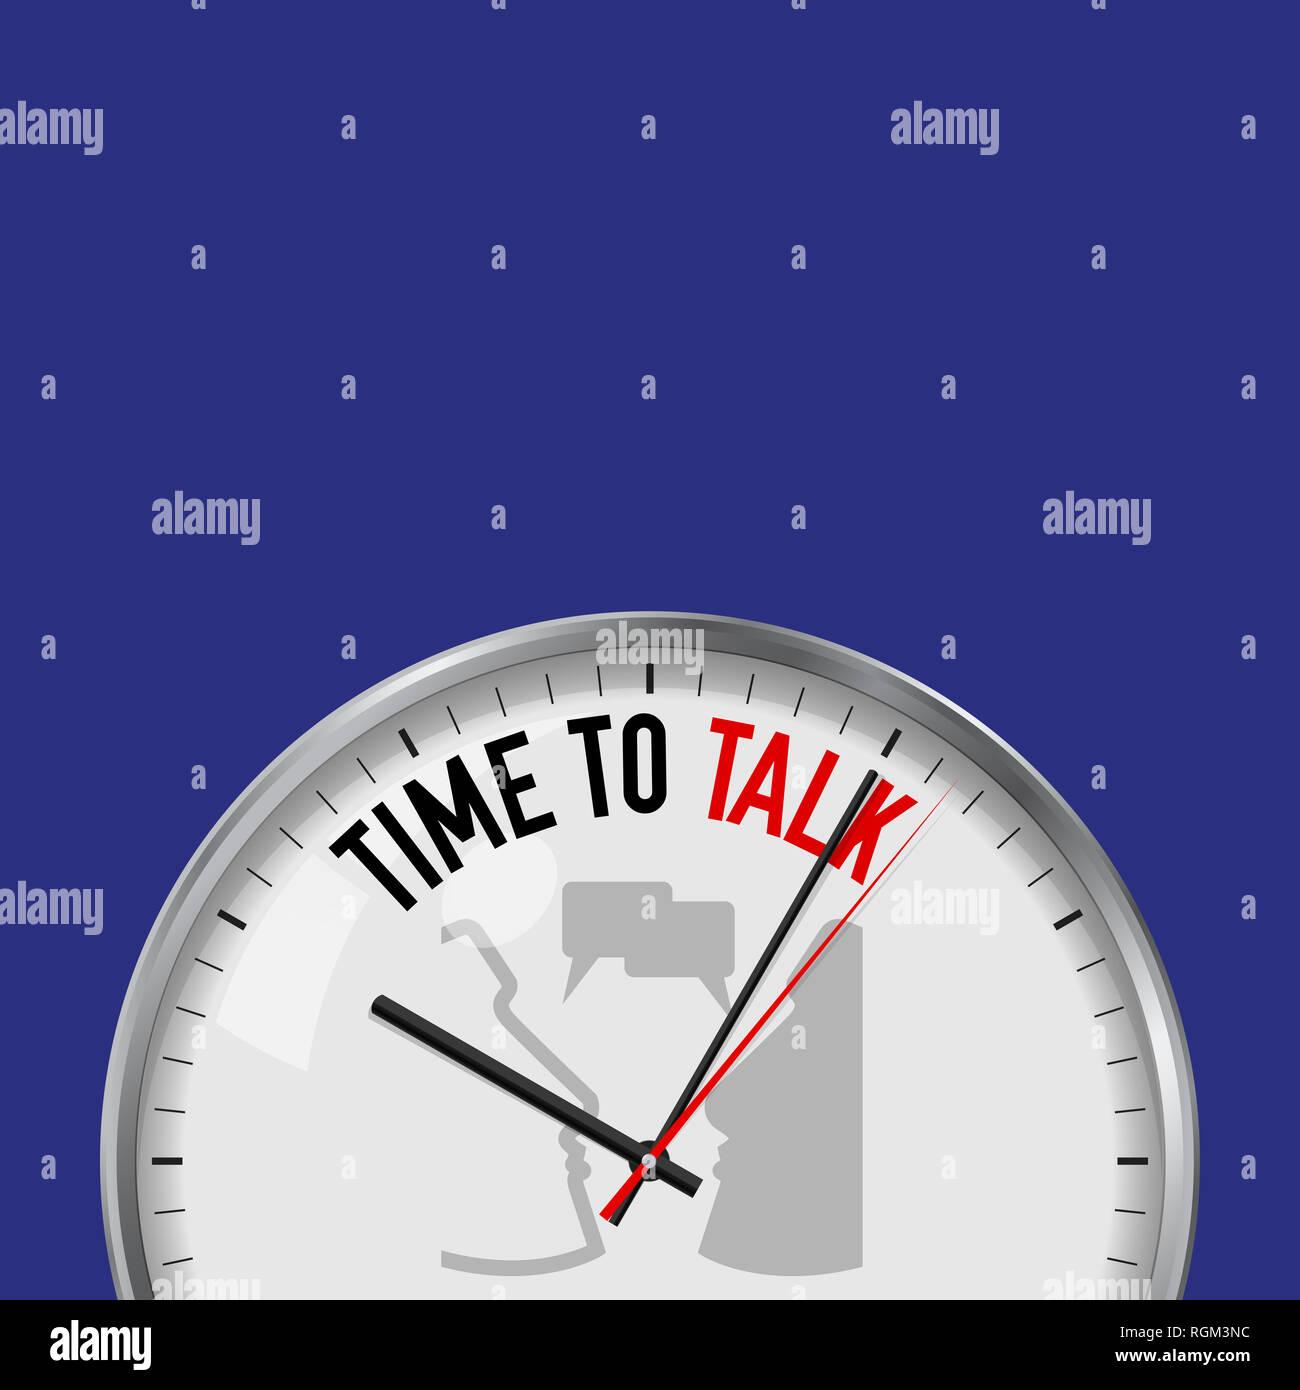 è Il Momento Di Parlare Orologio Bianco Con Slogan Motivazionali